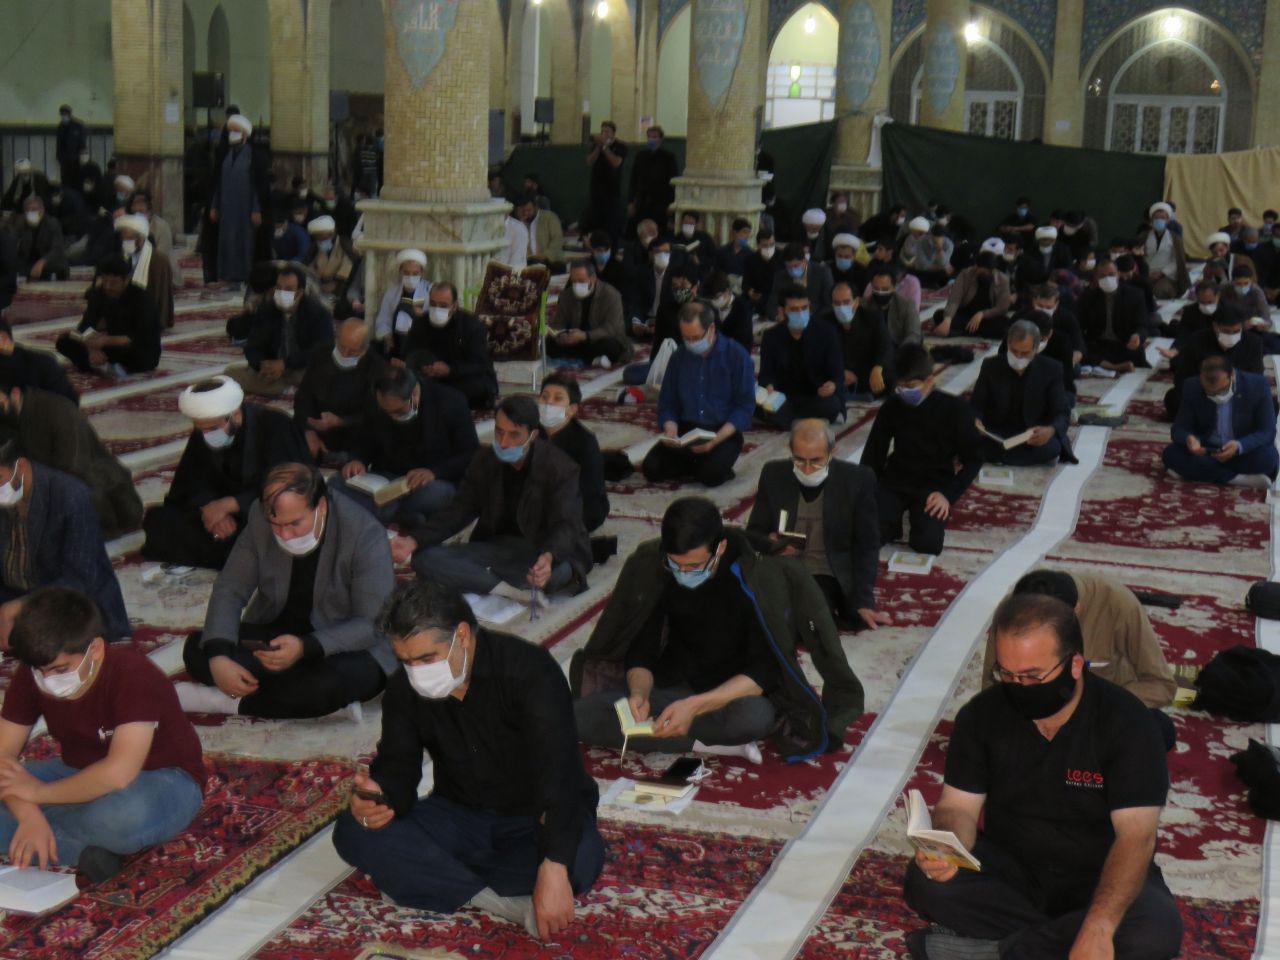 مراسم احیای سومین شب از لیالی قدر در شهرستان بناب برگزار شد+ تصاویر